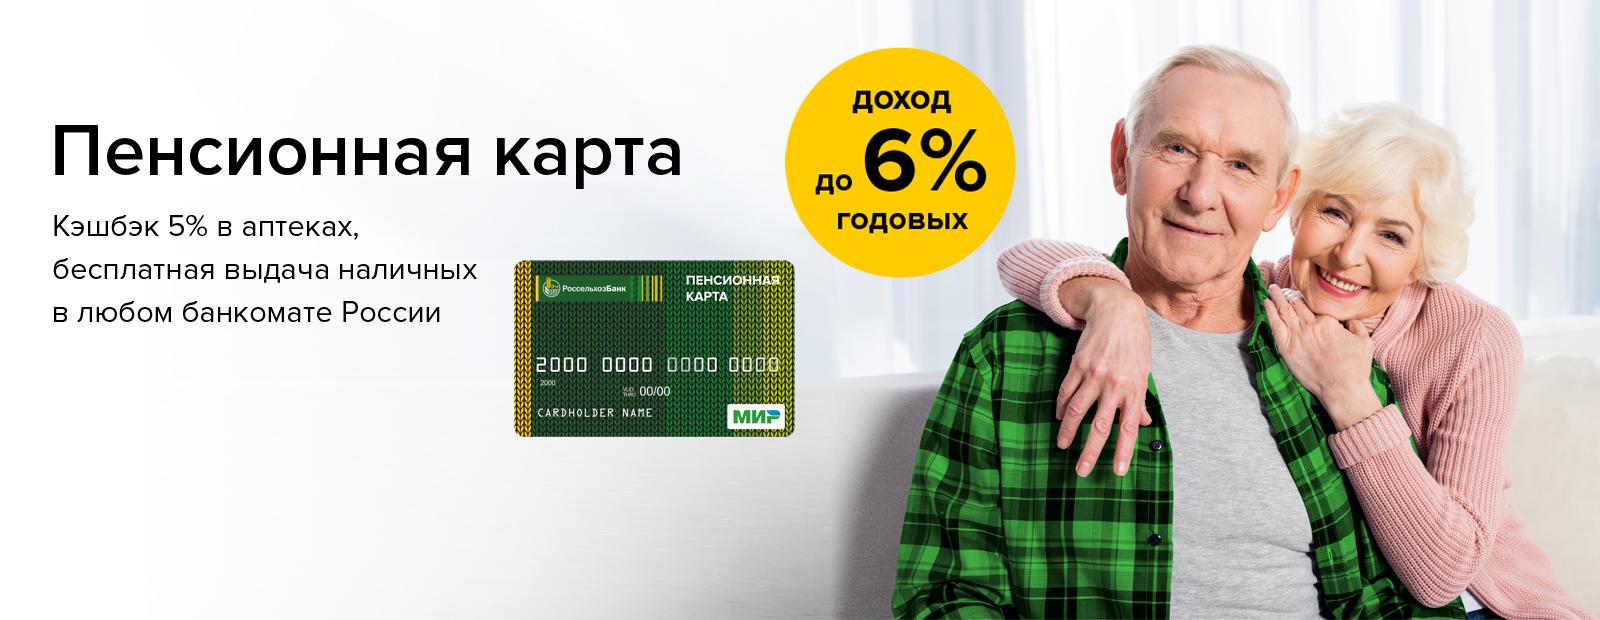 Пропажа денег с банковской карты сбербанка